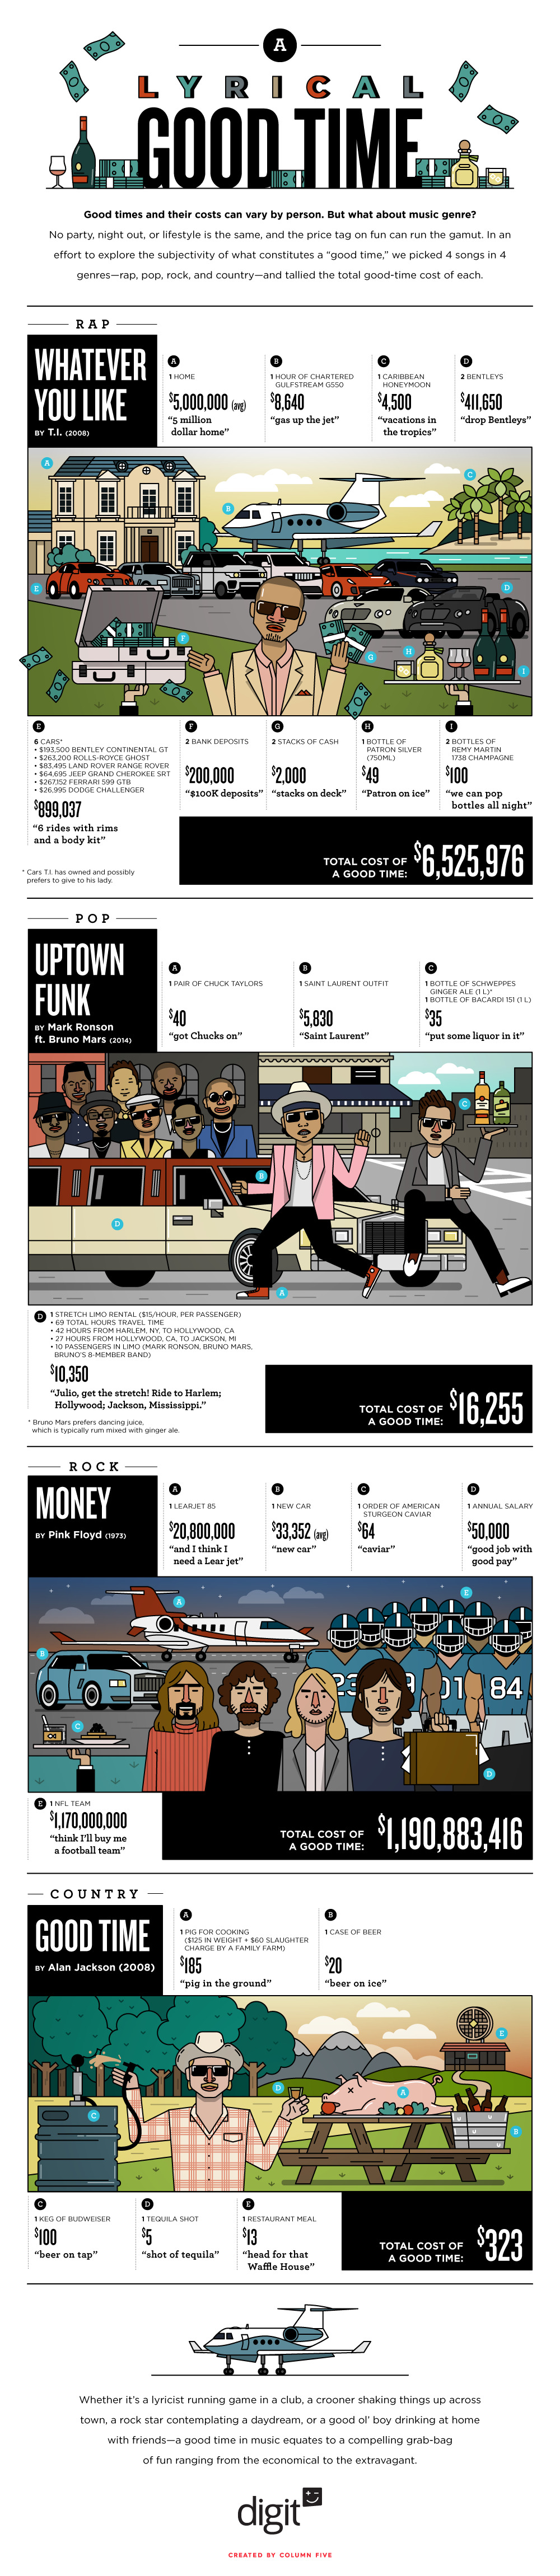 Diseño de infografía - ejemplo de flujo visual 3